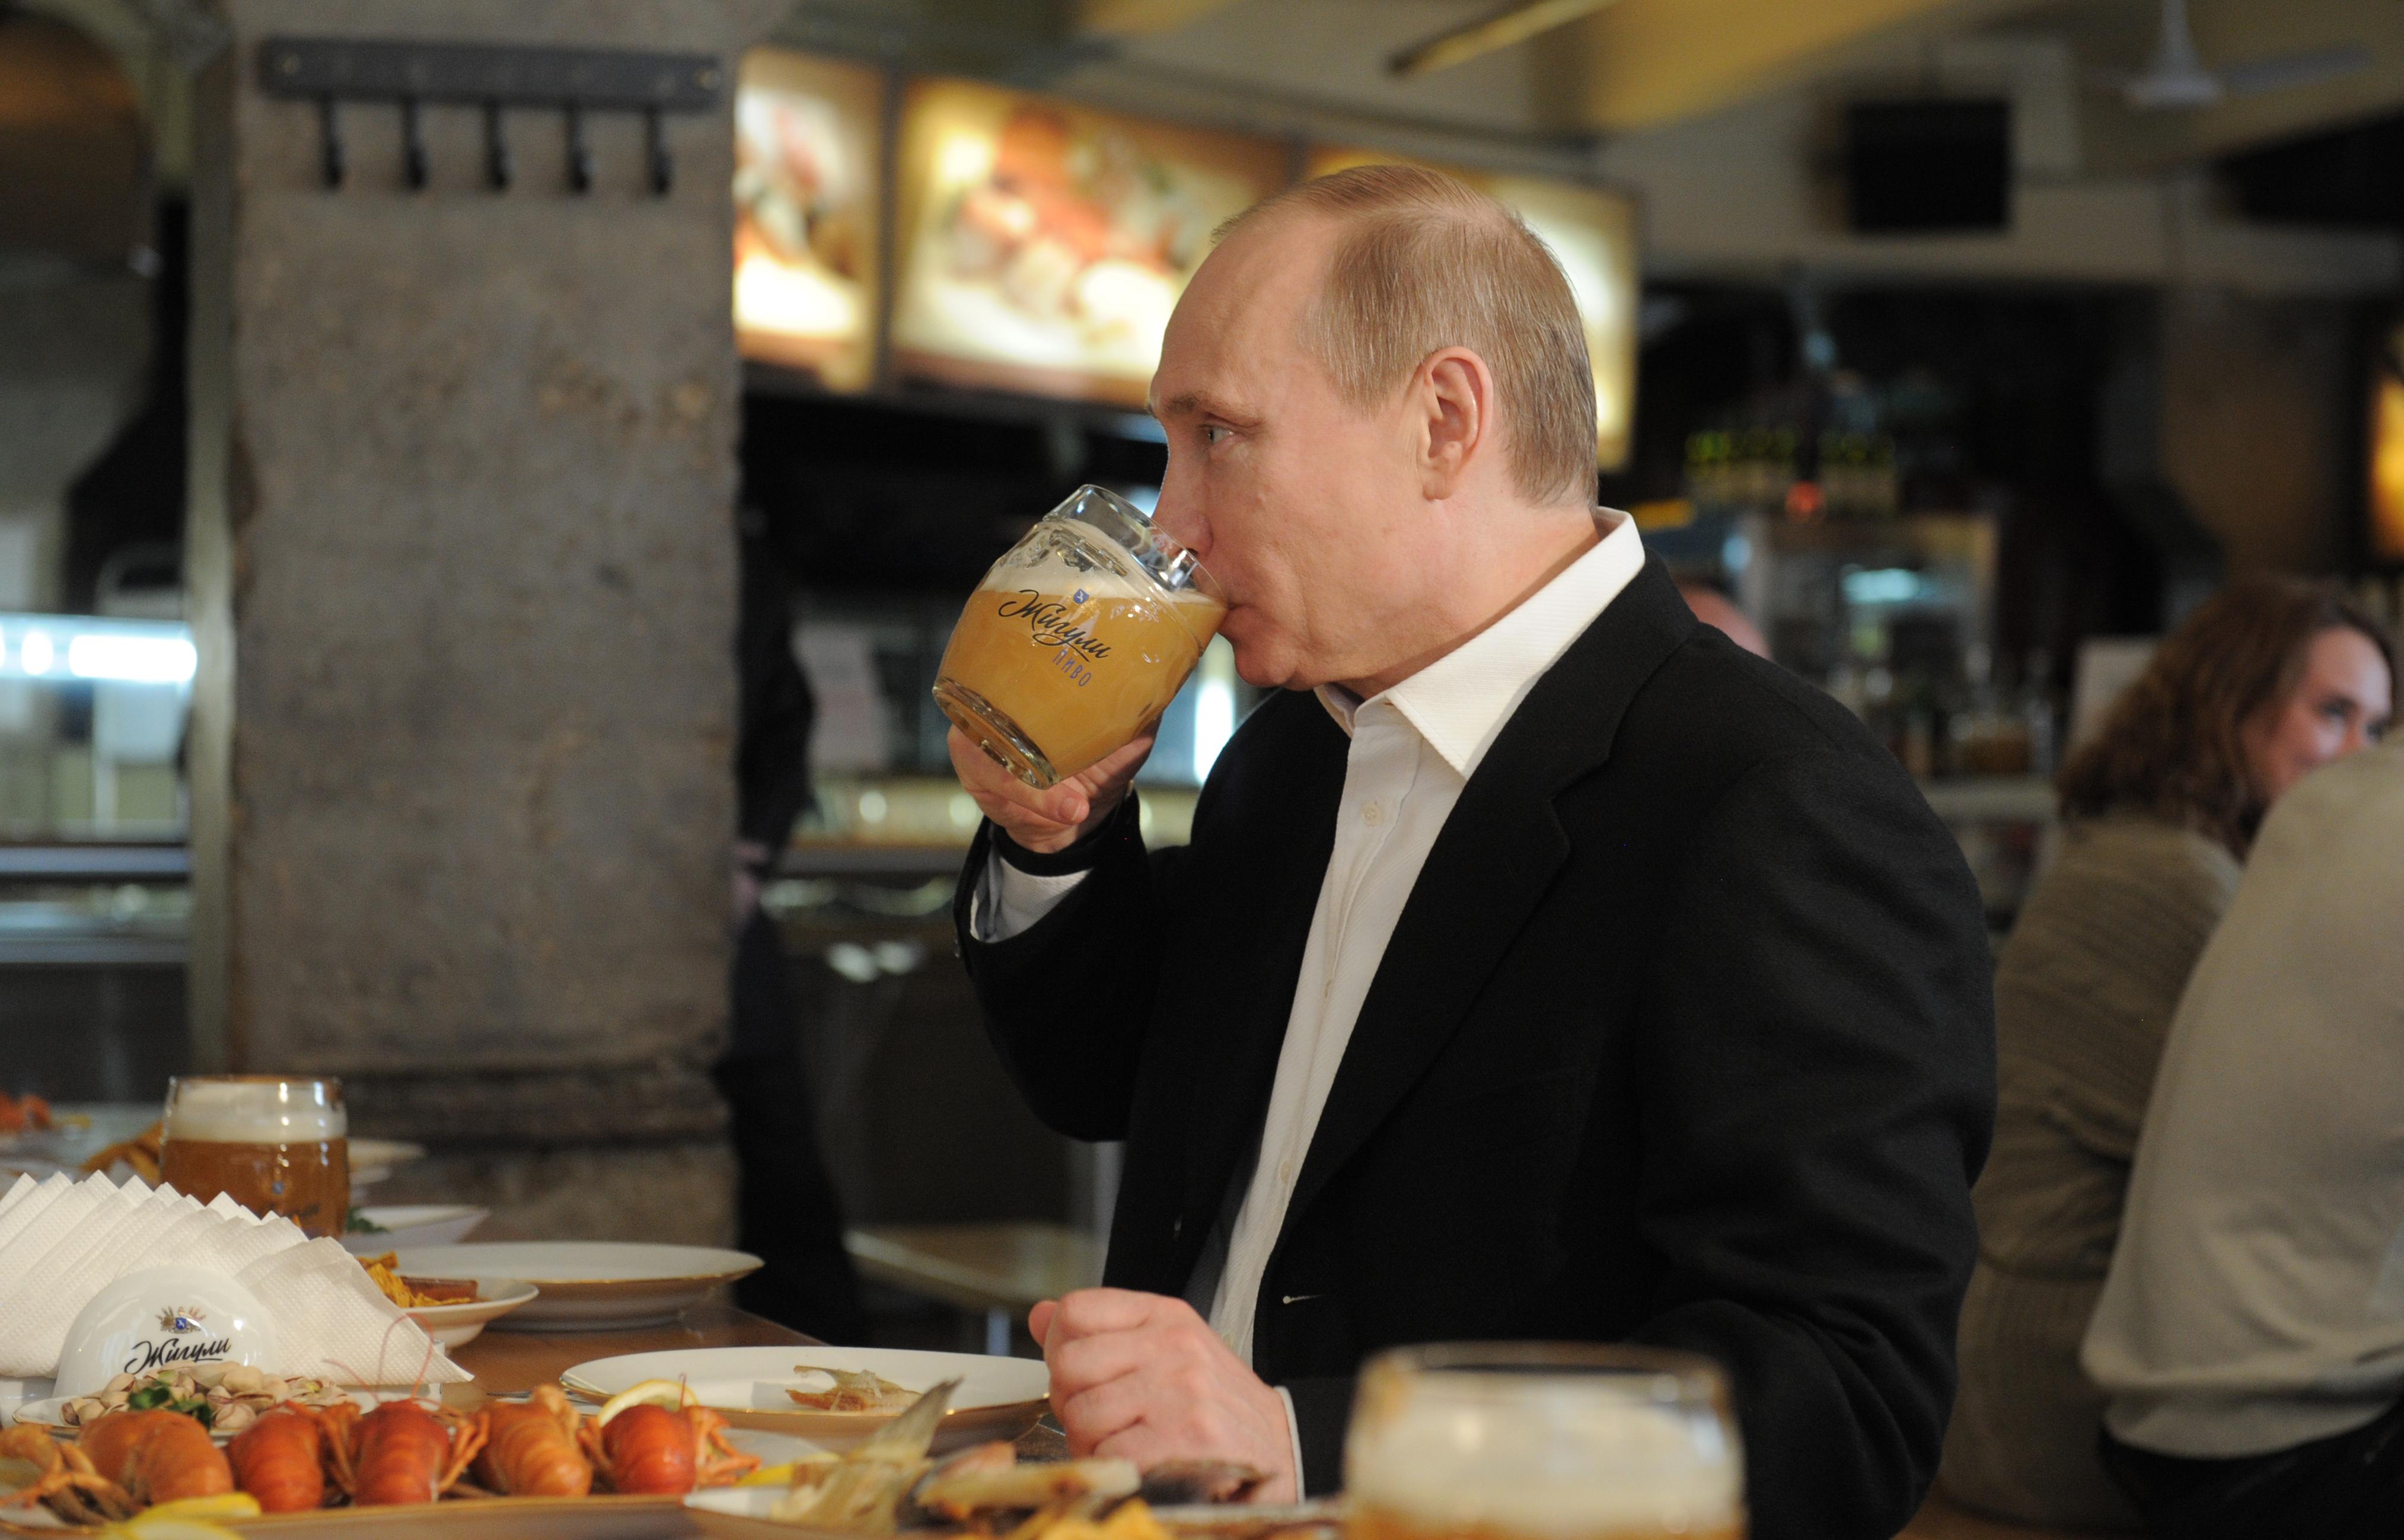 Úgy néz ki, hogy az oroszokkal is össze kell balhézni a kormány sörháborúja miatt